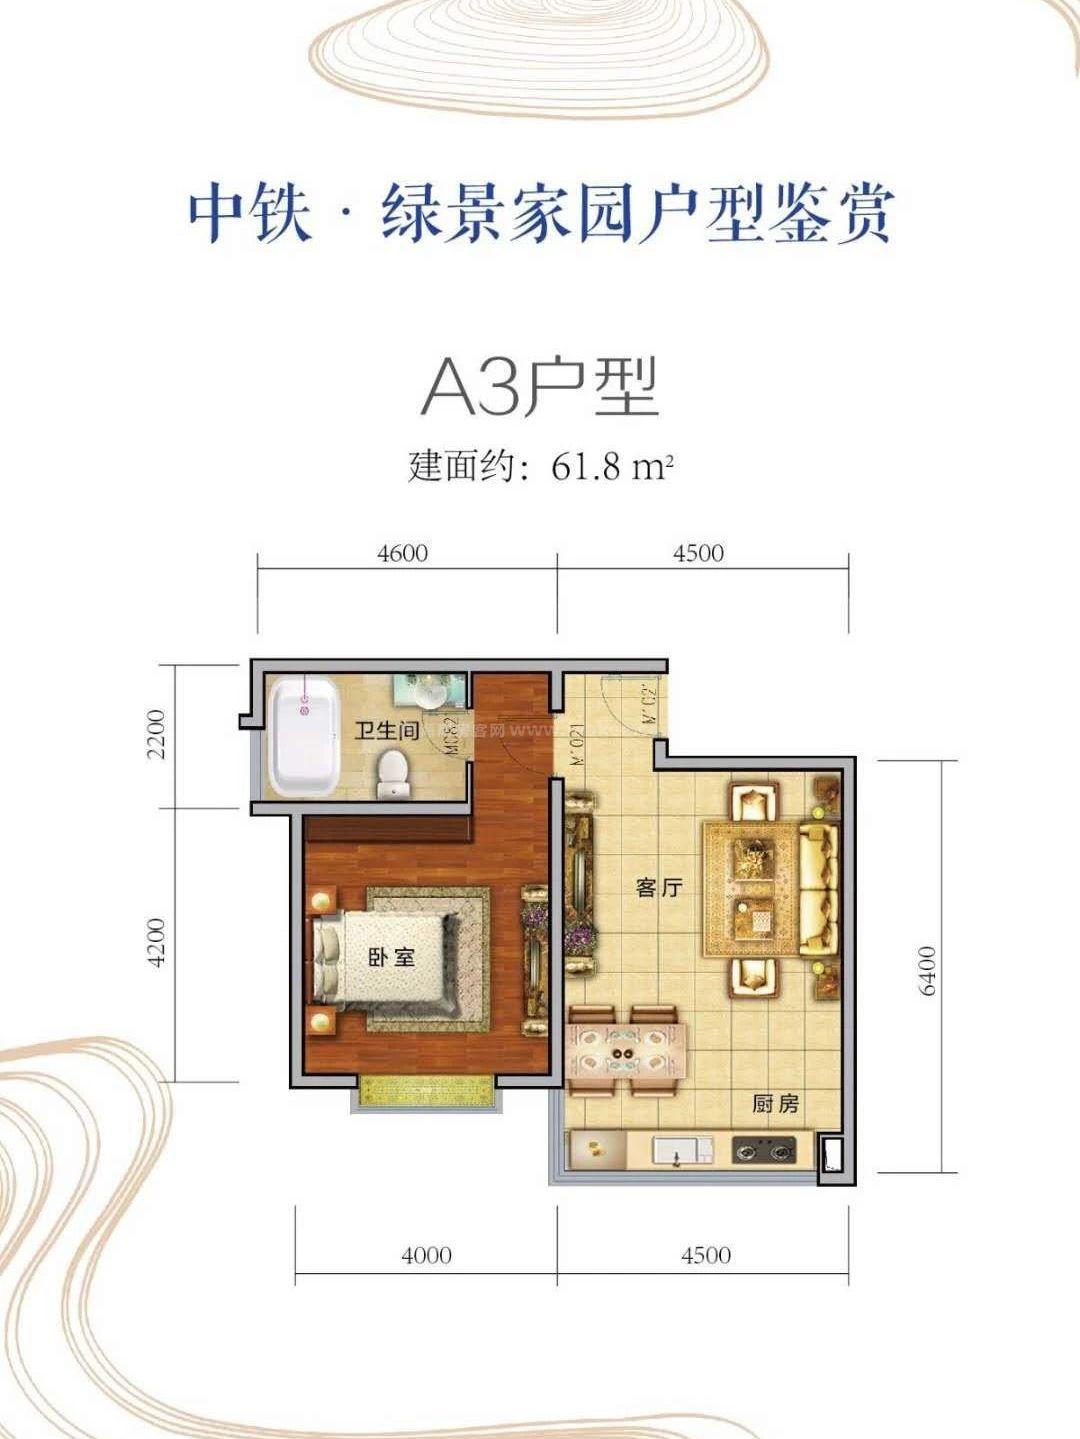 A3户型 1房2厅1厨1卫 建面约61.8㎡